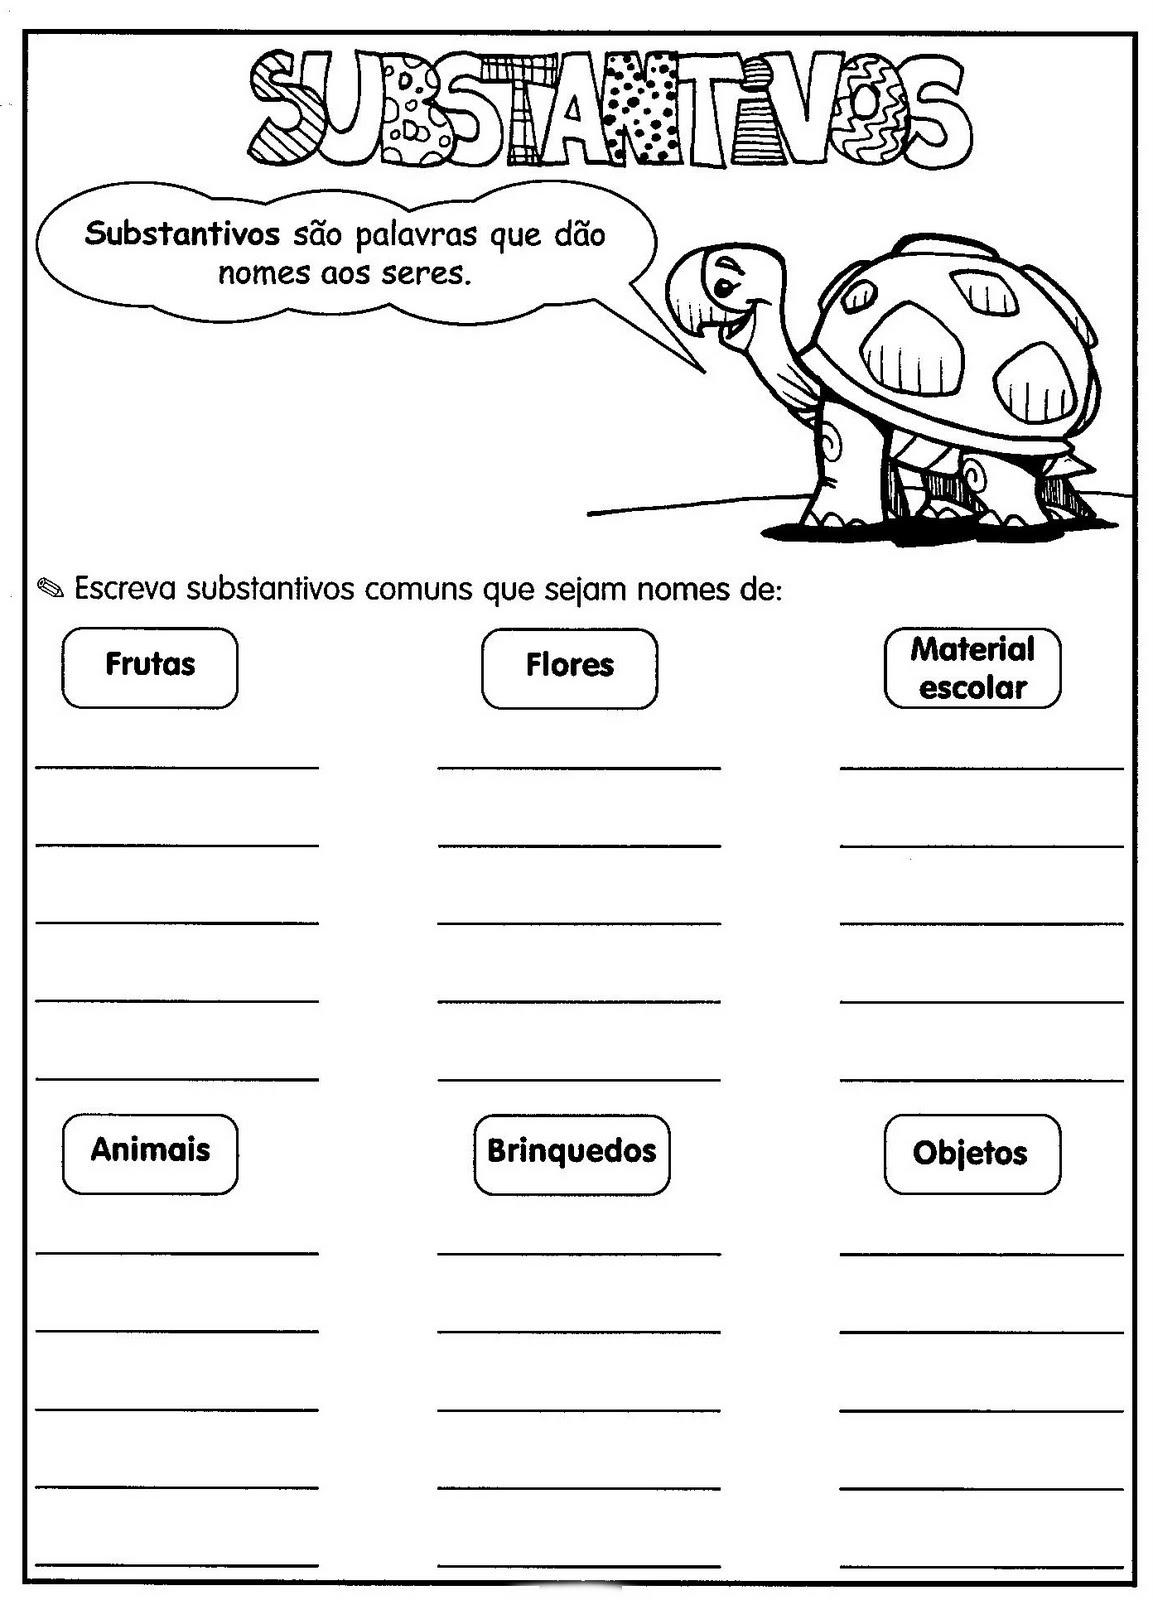 Estudar substantivos proprios e comuns